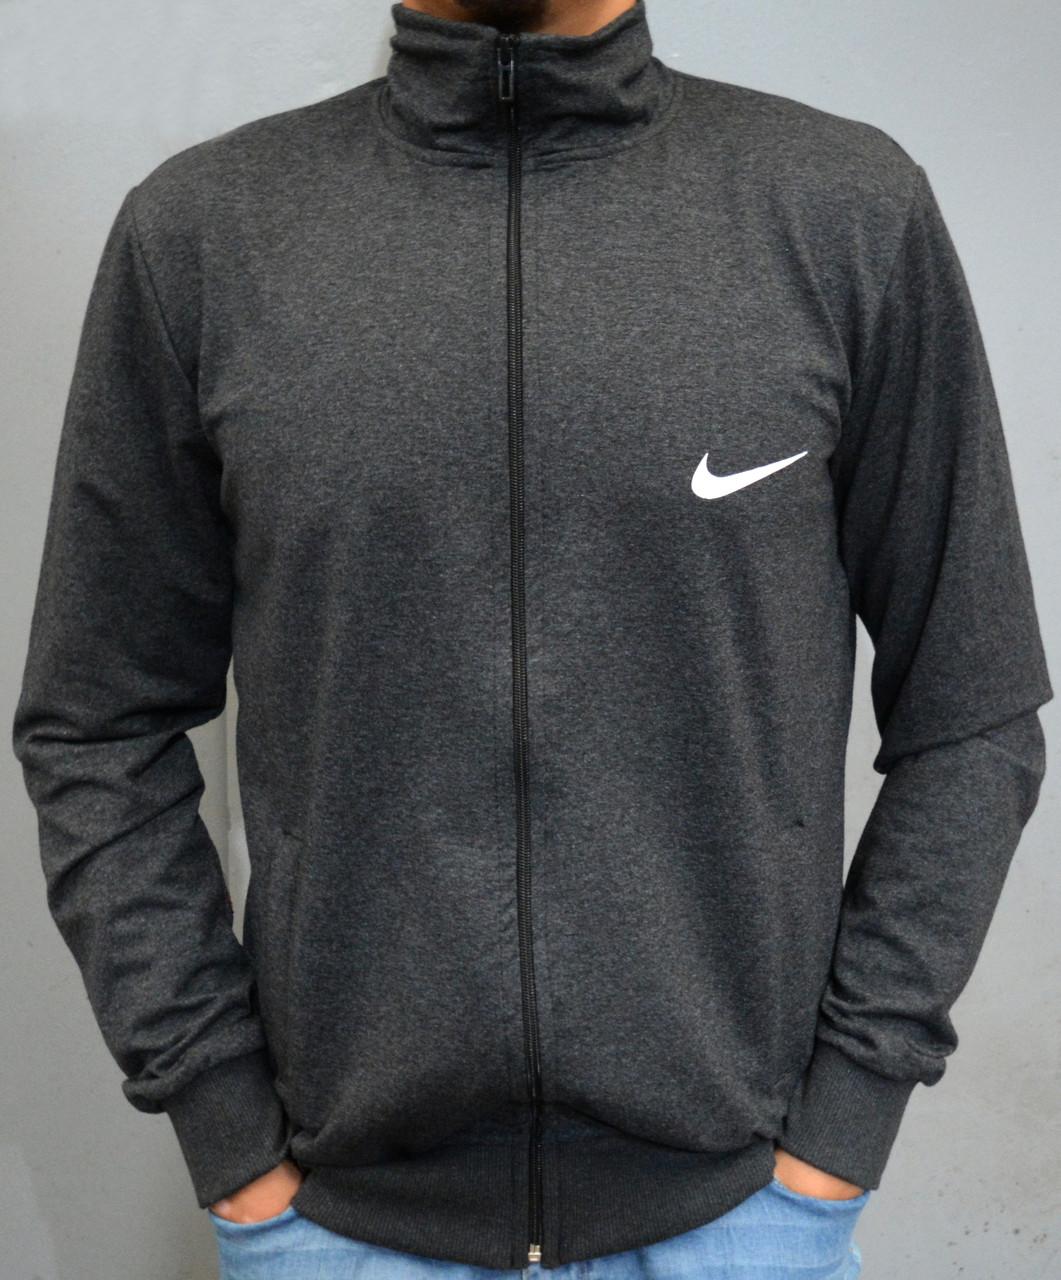 fa1c435428dd Размеры: 44,46,48,50 Мужская спортивная кофта на молнии Nike (Найк) /  Трикотаж / олимпийка ...